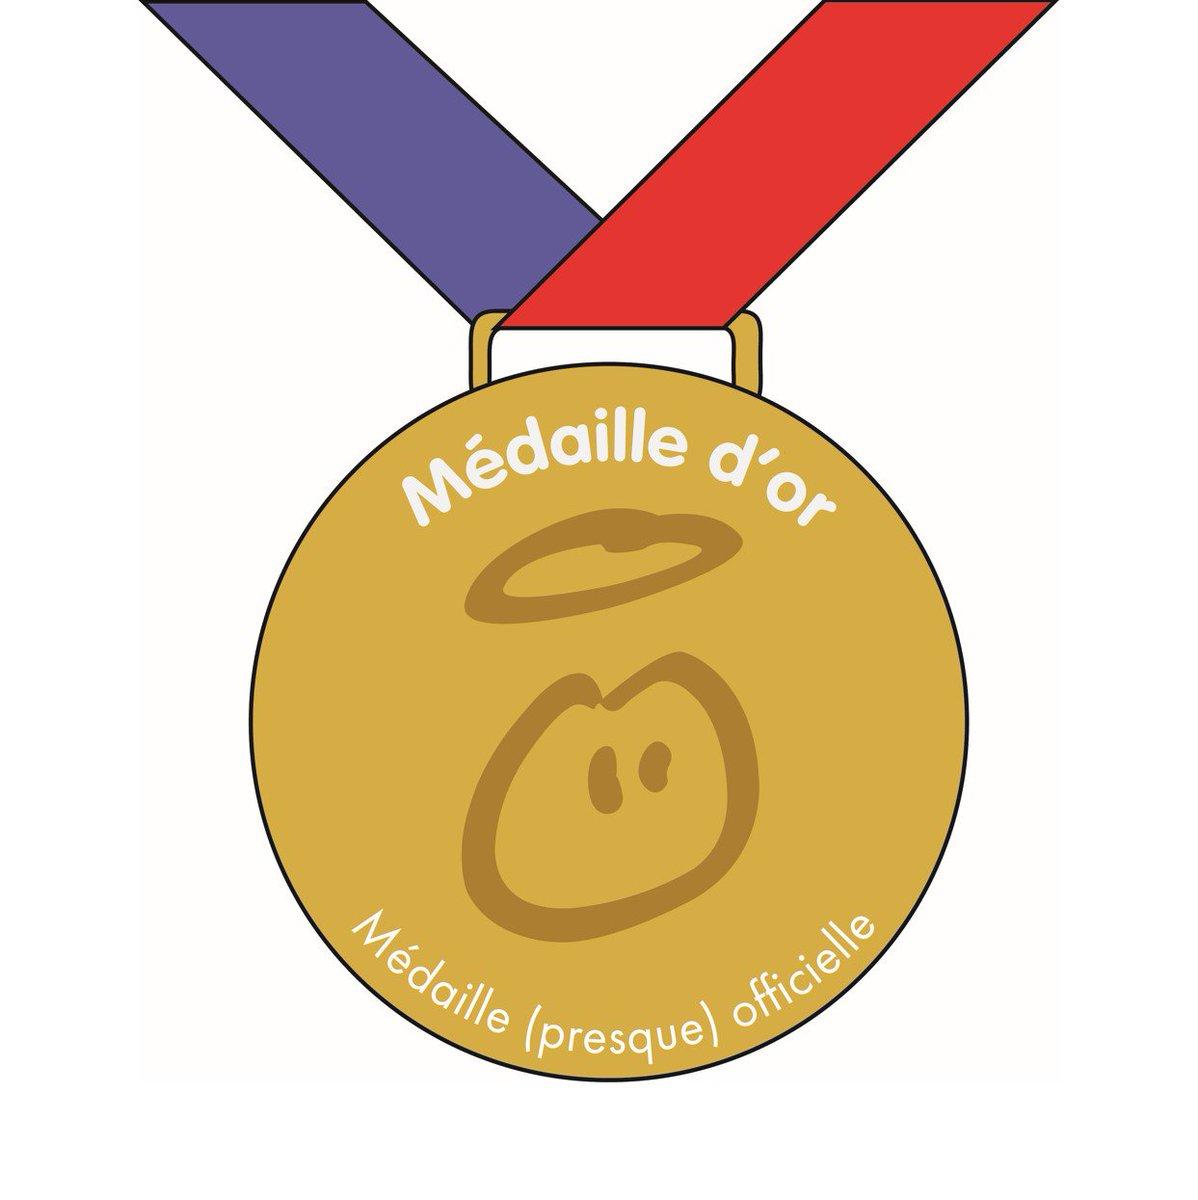 Innocent France On Twitter On Vous Decerne La Medaille D Or Judo Range Devant Teddy Riner